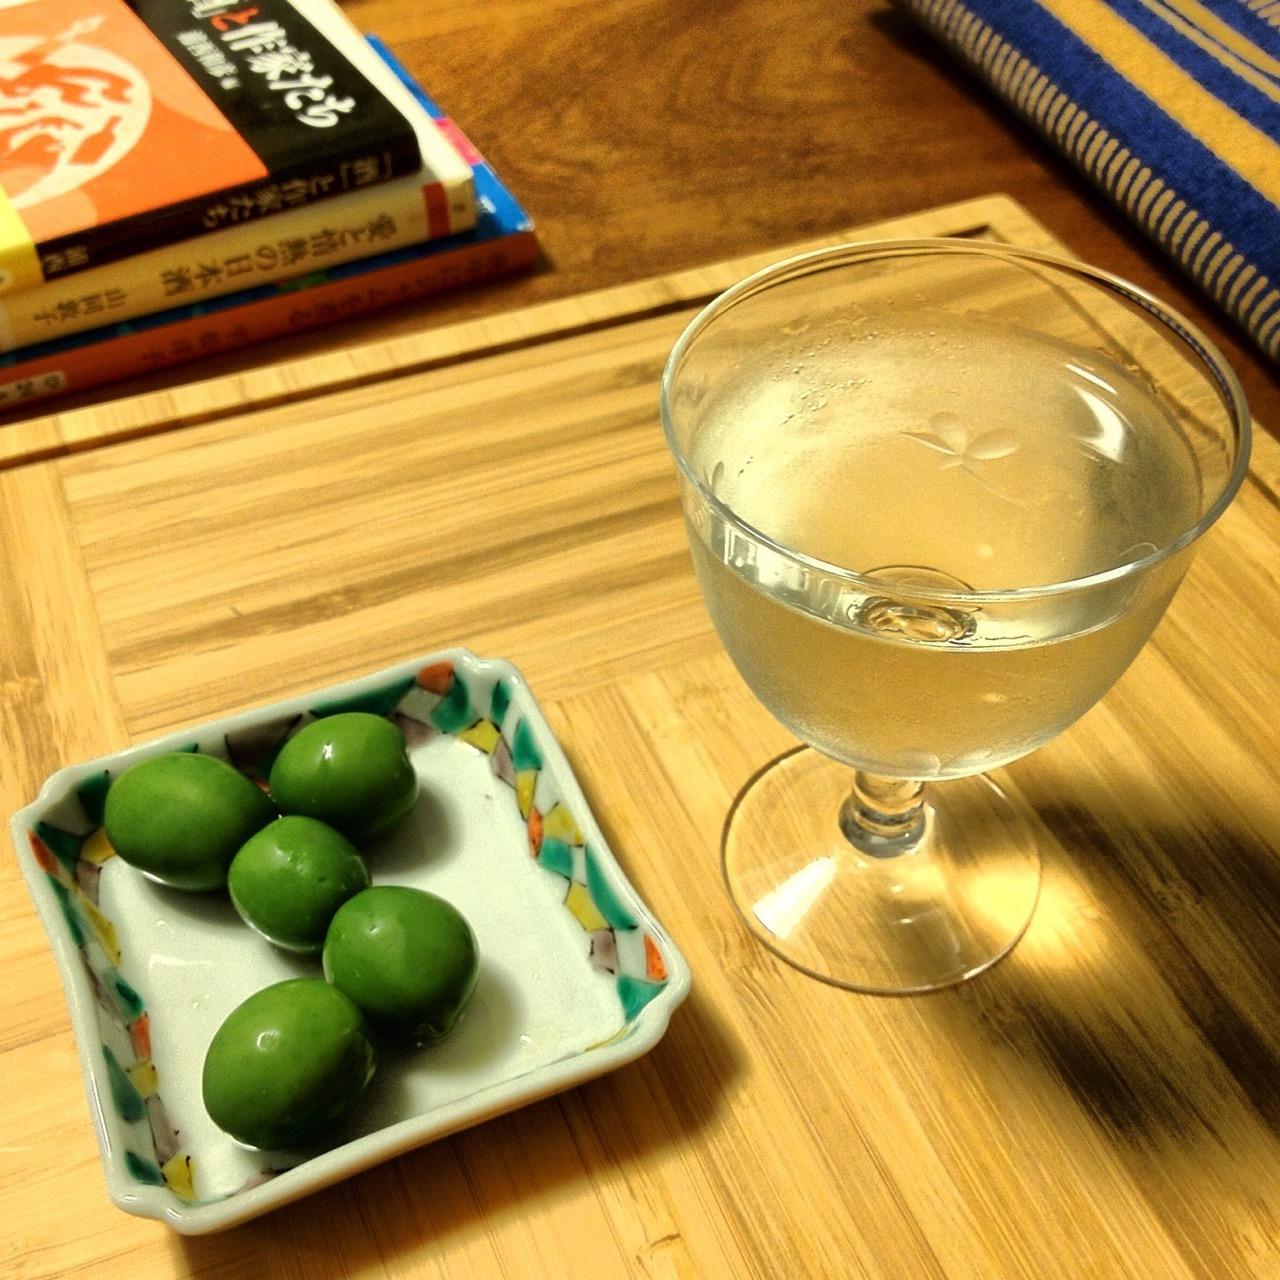 蓬莱泉 純米吟醸 熟成生酒 和 日本酒テイスティングノート